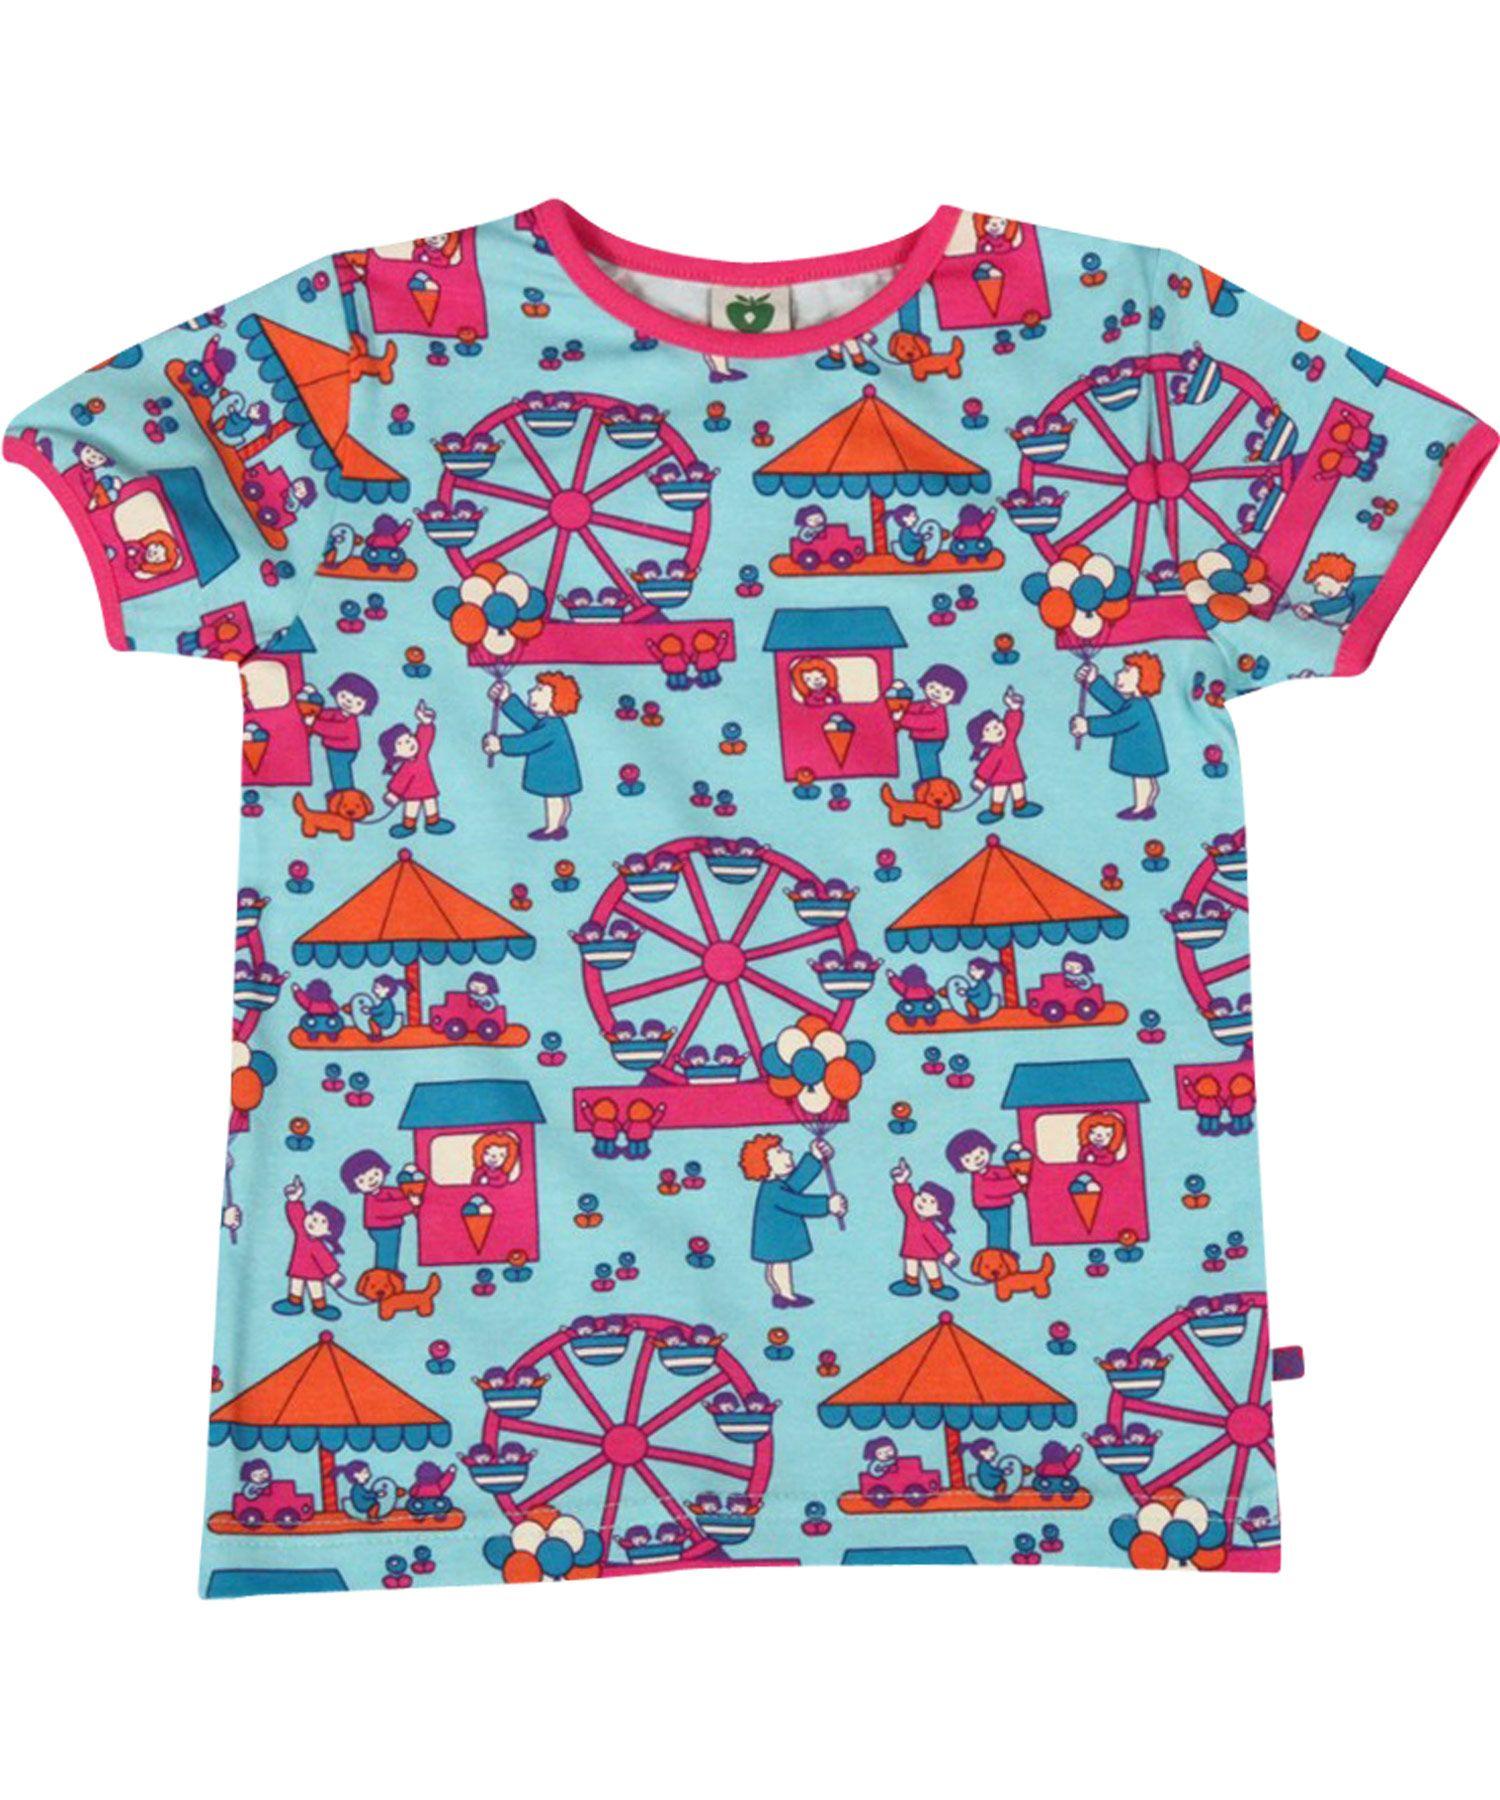 d6eff75f77f45d Småfolk zomerse t-shirt met paardenmolen. smafolk.nl.emilea.be